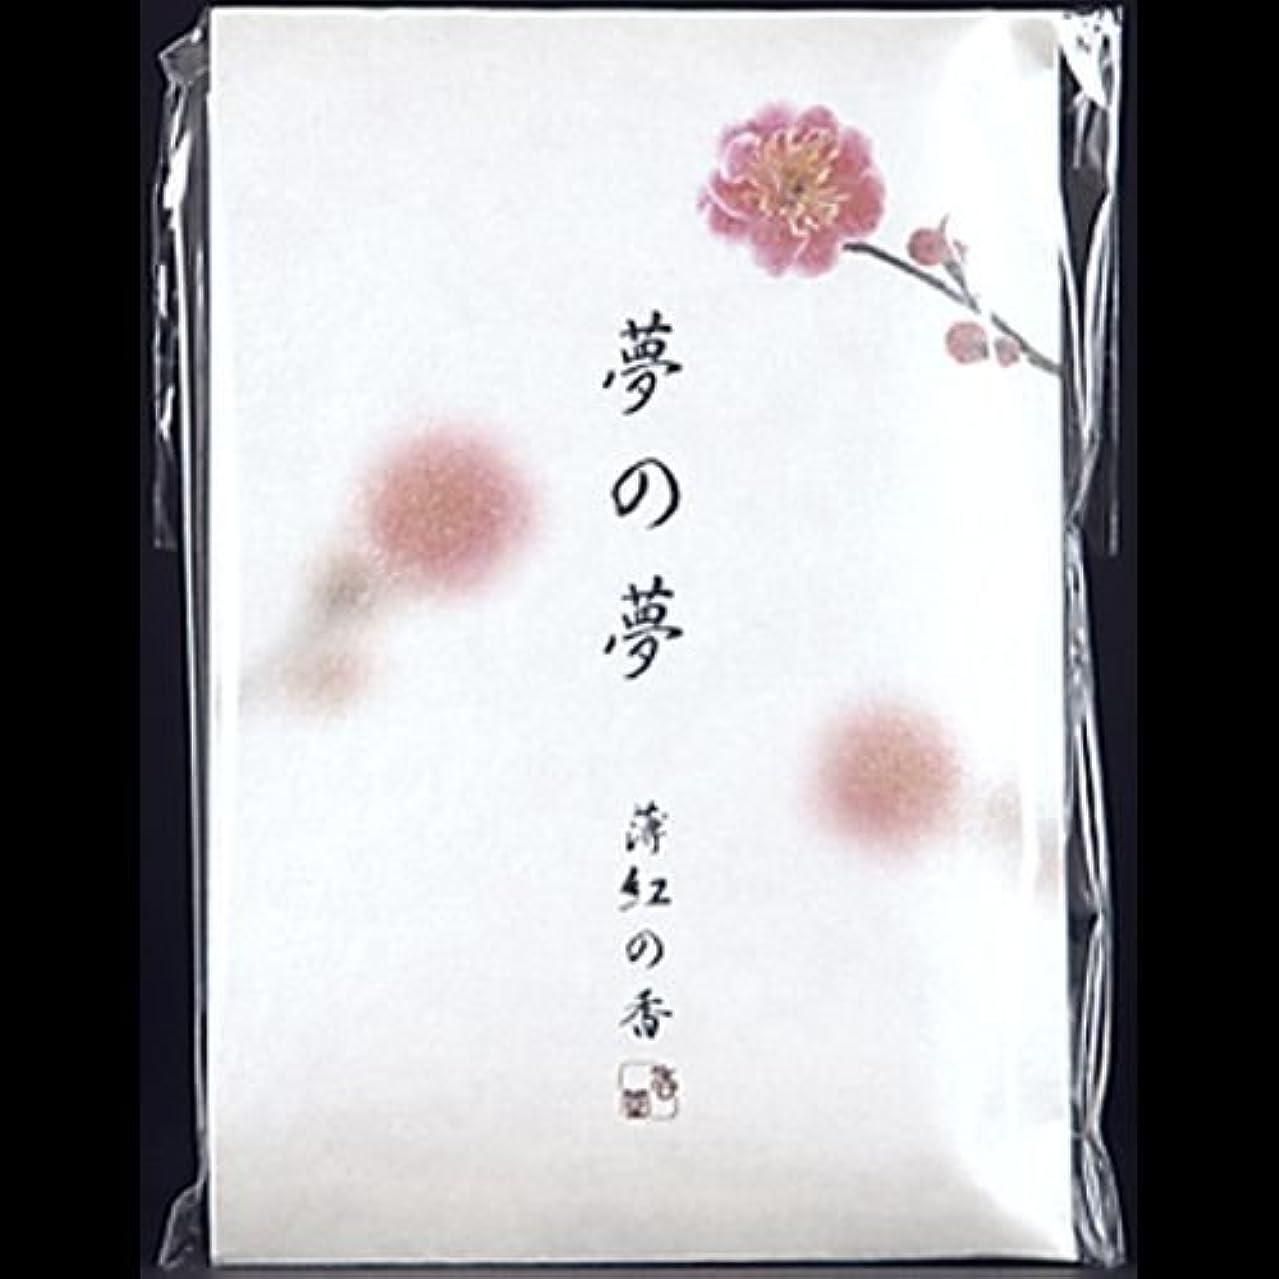 師匠生産性コート【まとめ買い】夢の夢 薄紅の香 (梅) スティック12本入 ×2セット